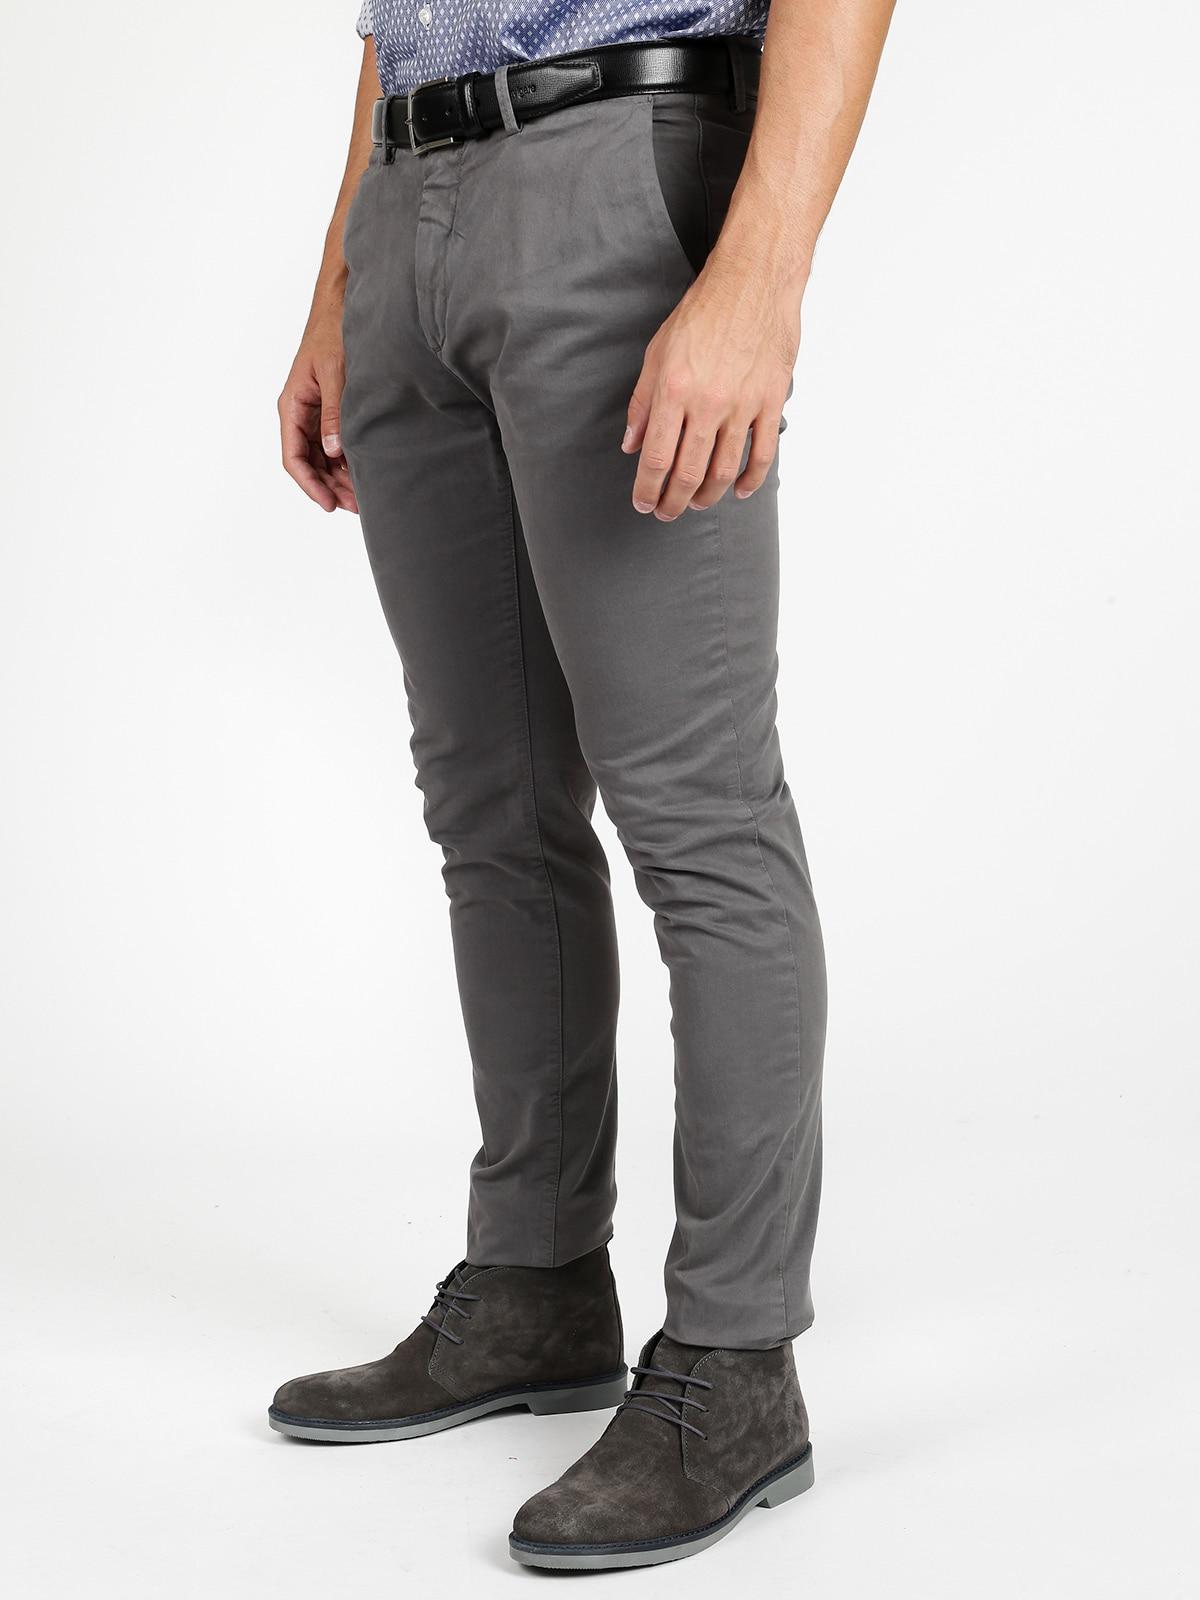 Pants Slim Fit Cotton-Gray